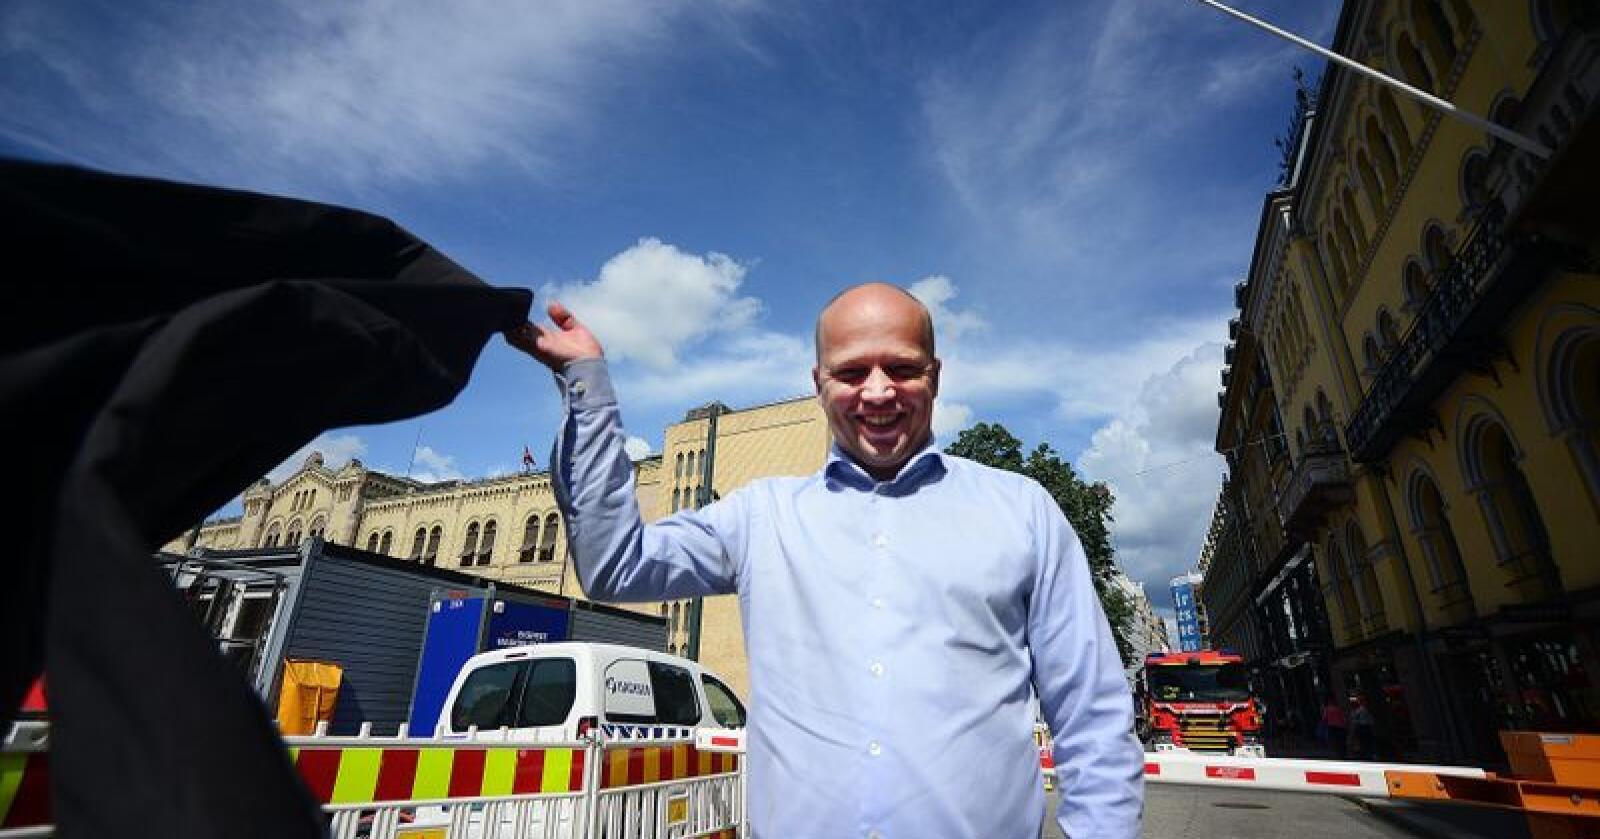 Trygve Slagsvold Vedum kaster jakka i Oslo-sola. Lørdag åpner han Senterpartiets valgkamp på Eidsvoll, før han skal ut i landet og jakte ordførerklubber. Det siste snakker han minst mulig om. Foto: Siri Juell Rasmussen